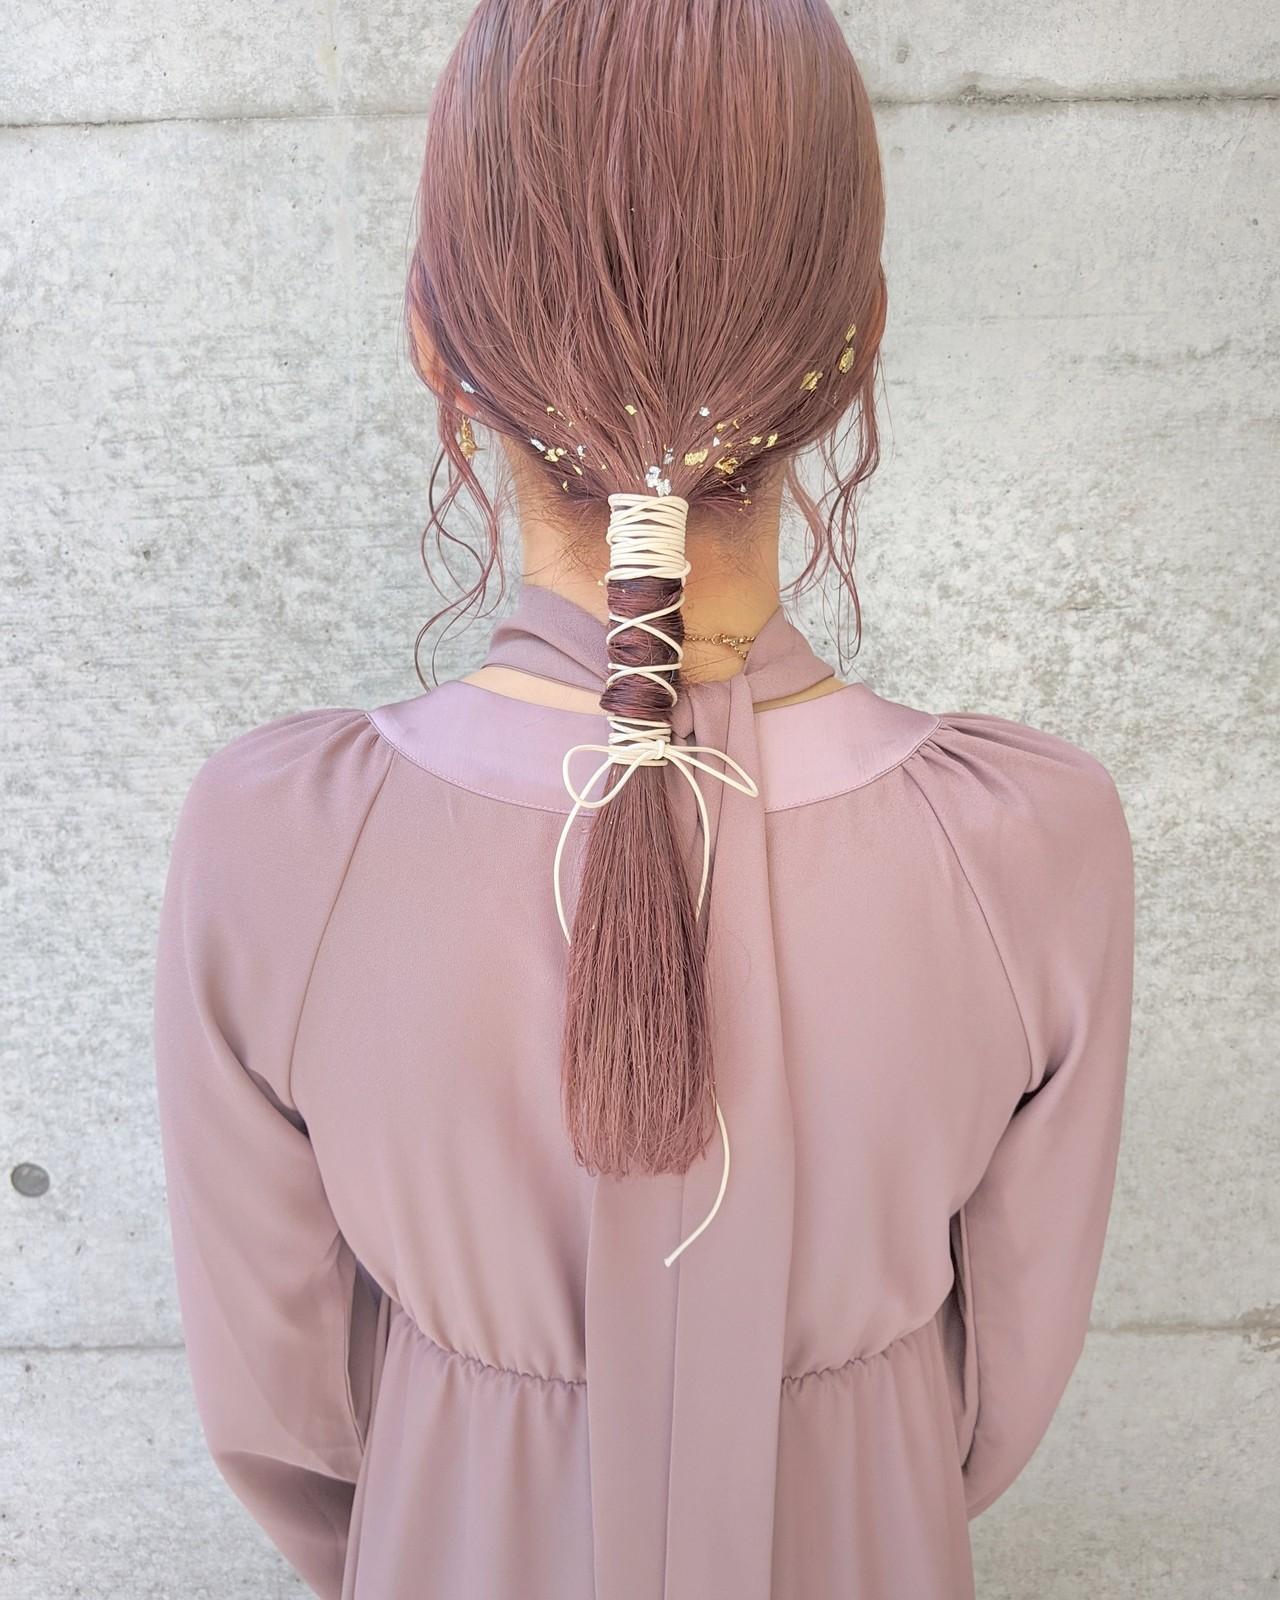 ピンクベージュ リボンアレンジ 紐アレンジ ローポニーテール ヘアスタイルや髪型の写真・画像